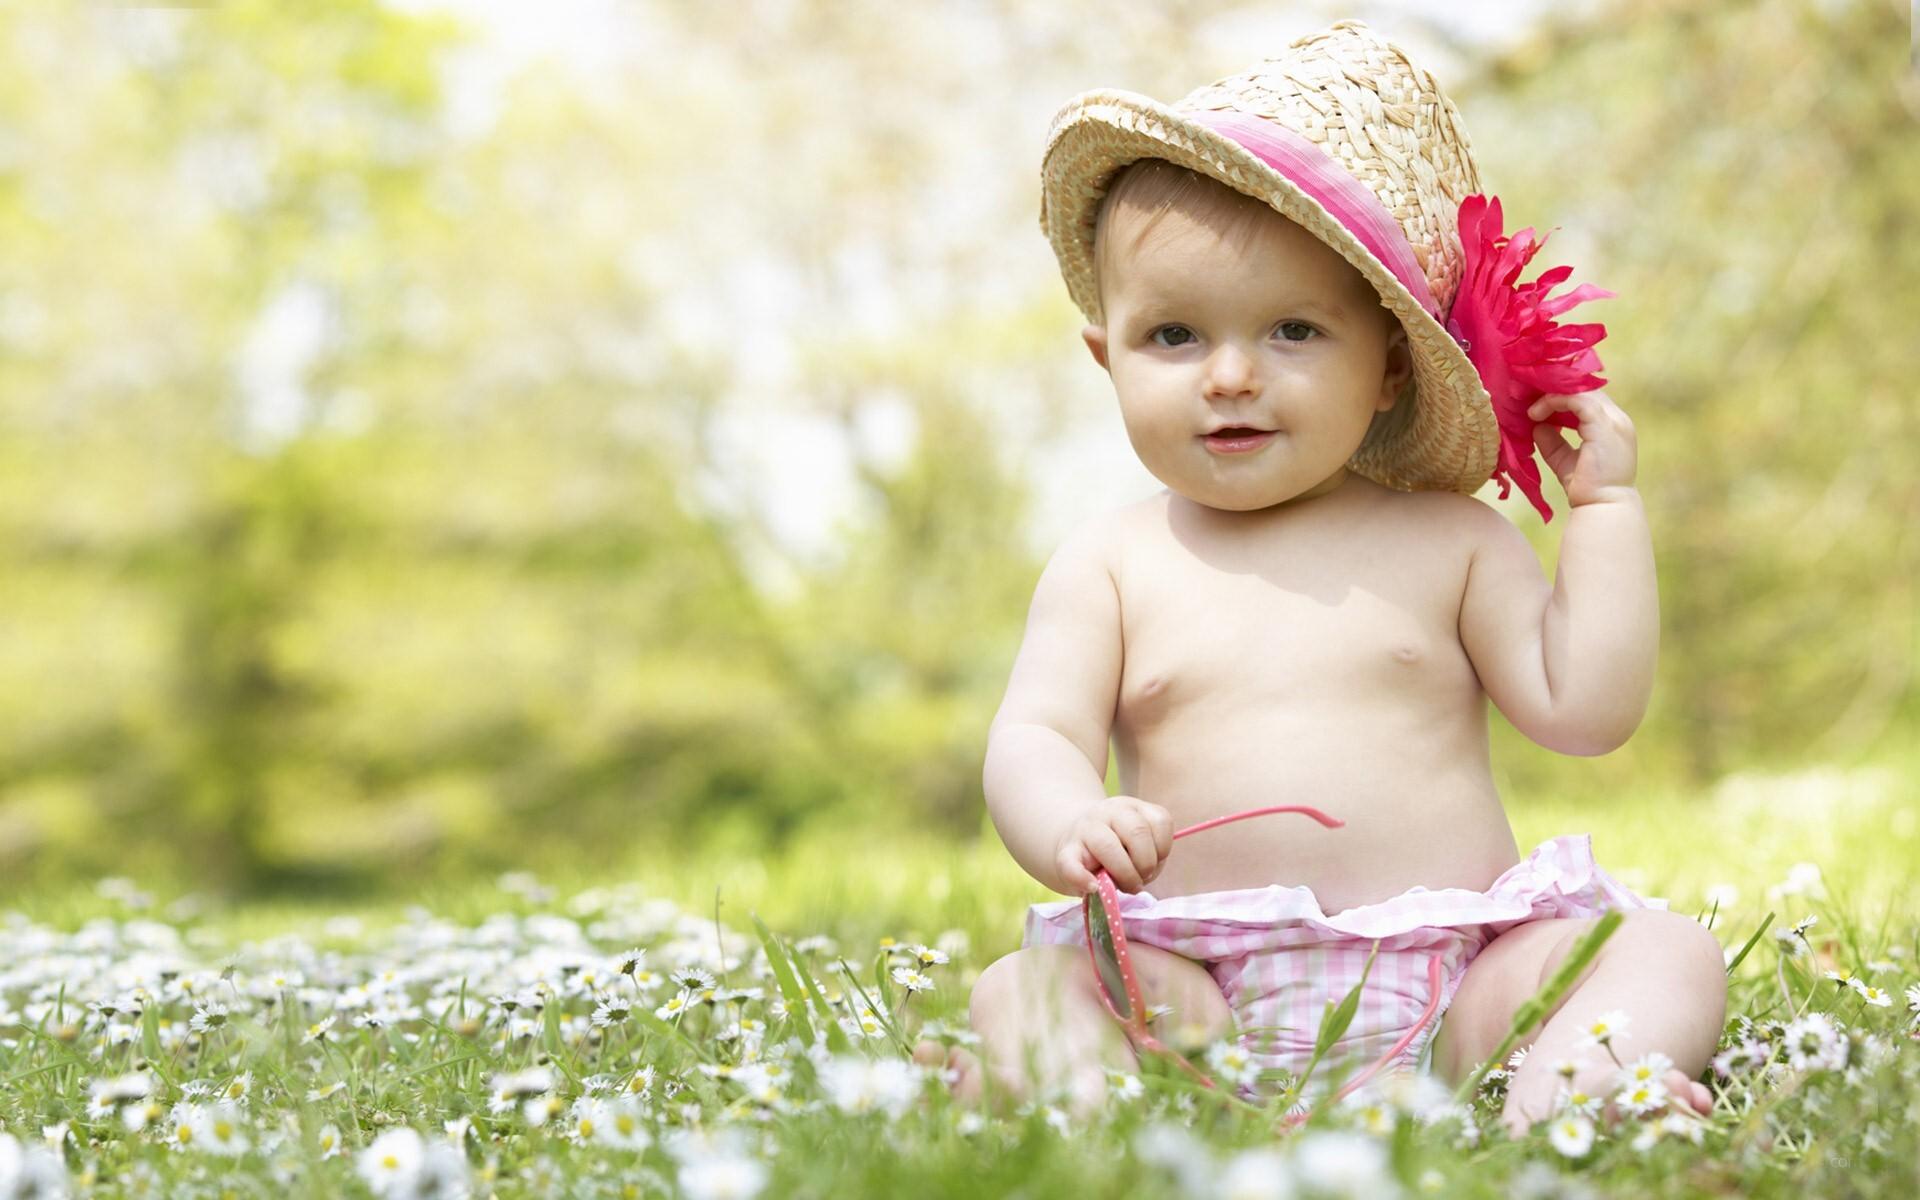 Cute Baby Wallpapers Hd: Lovable Cute Boy In Garden